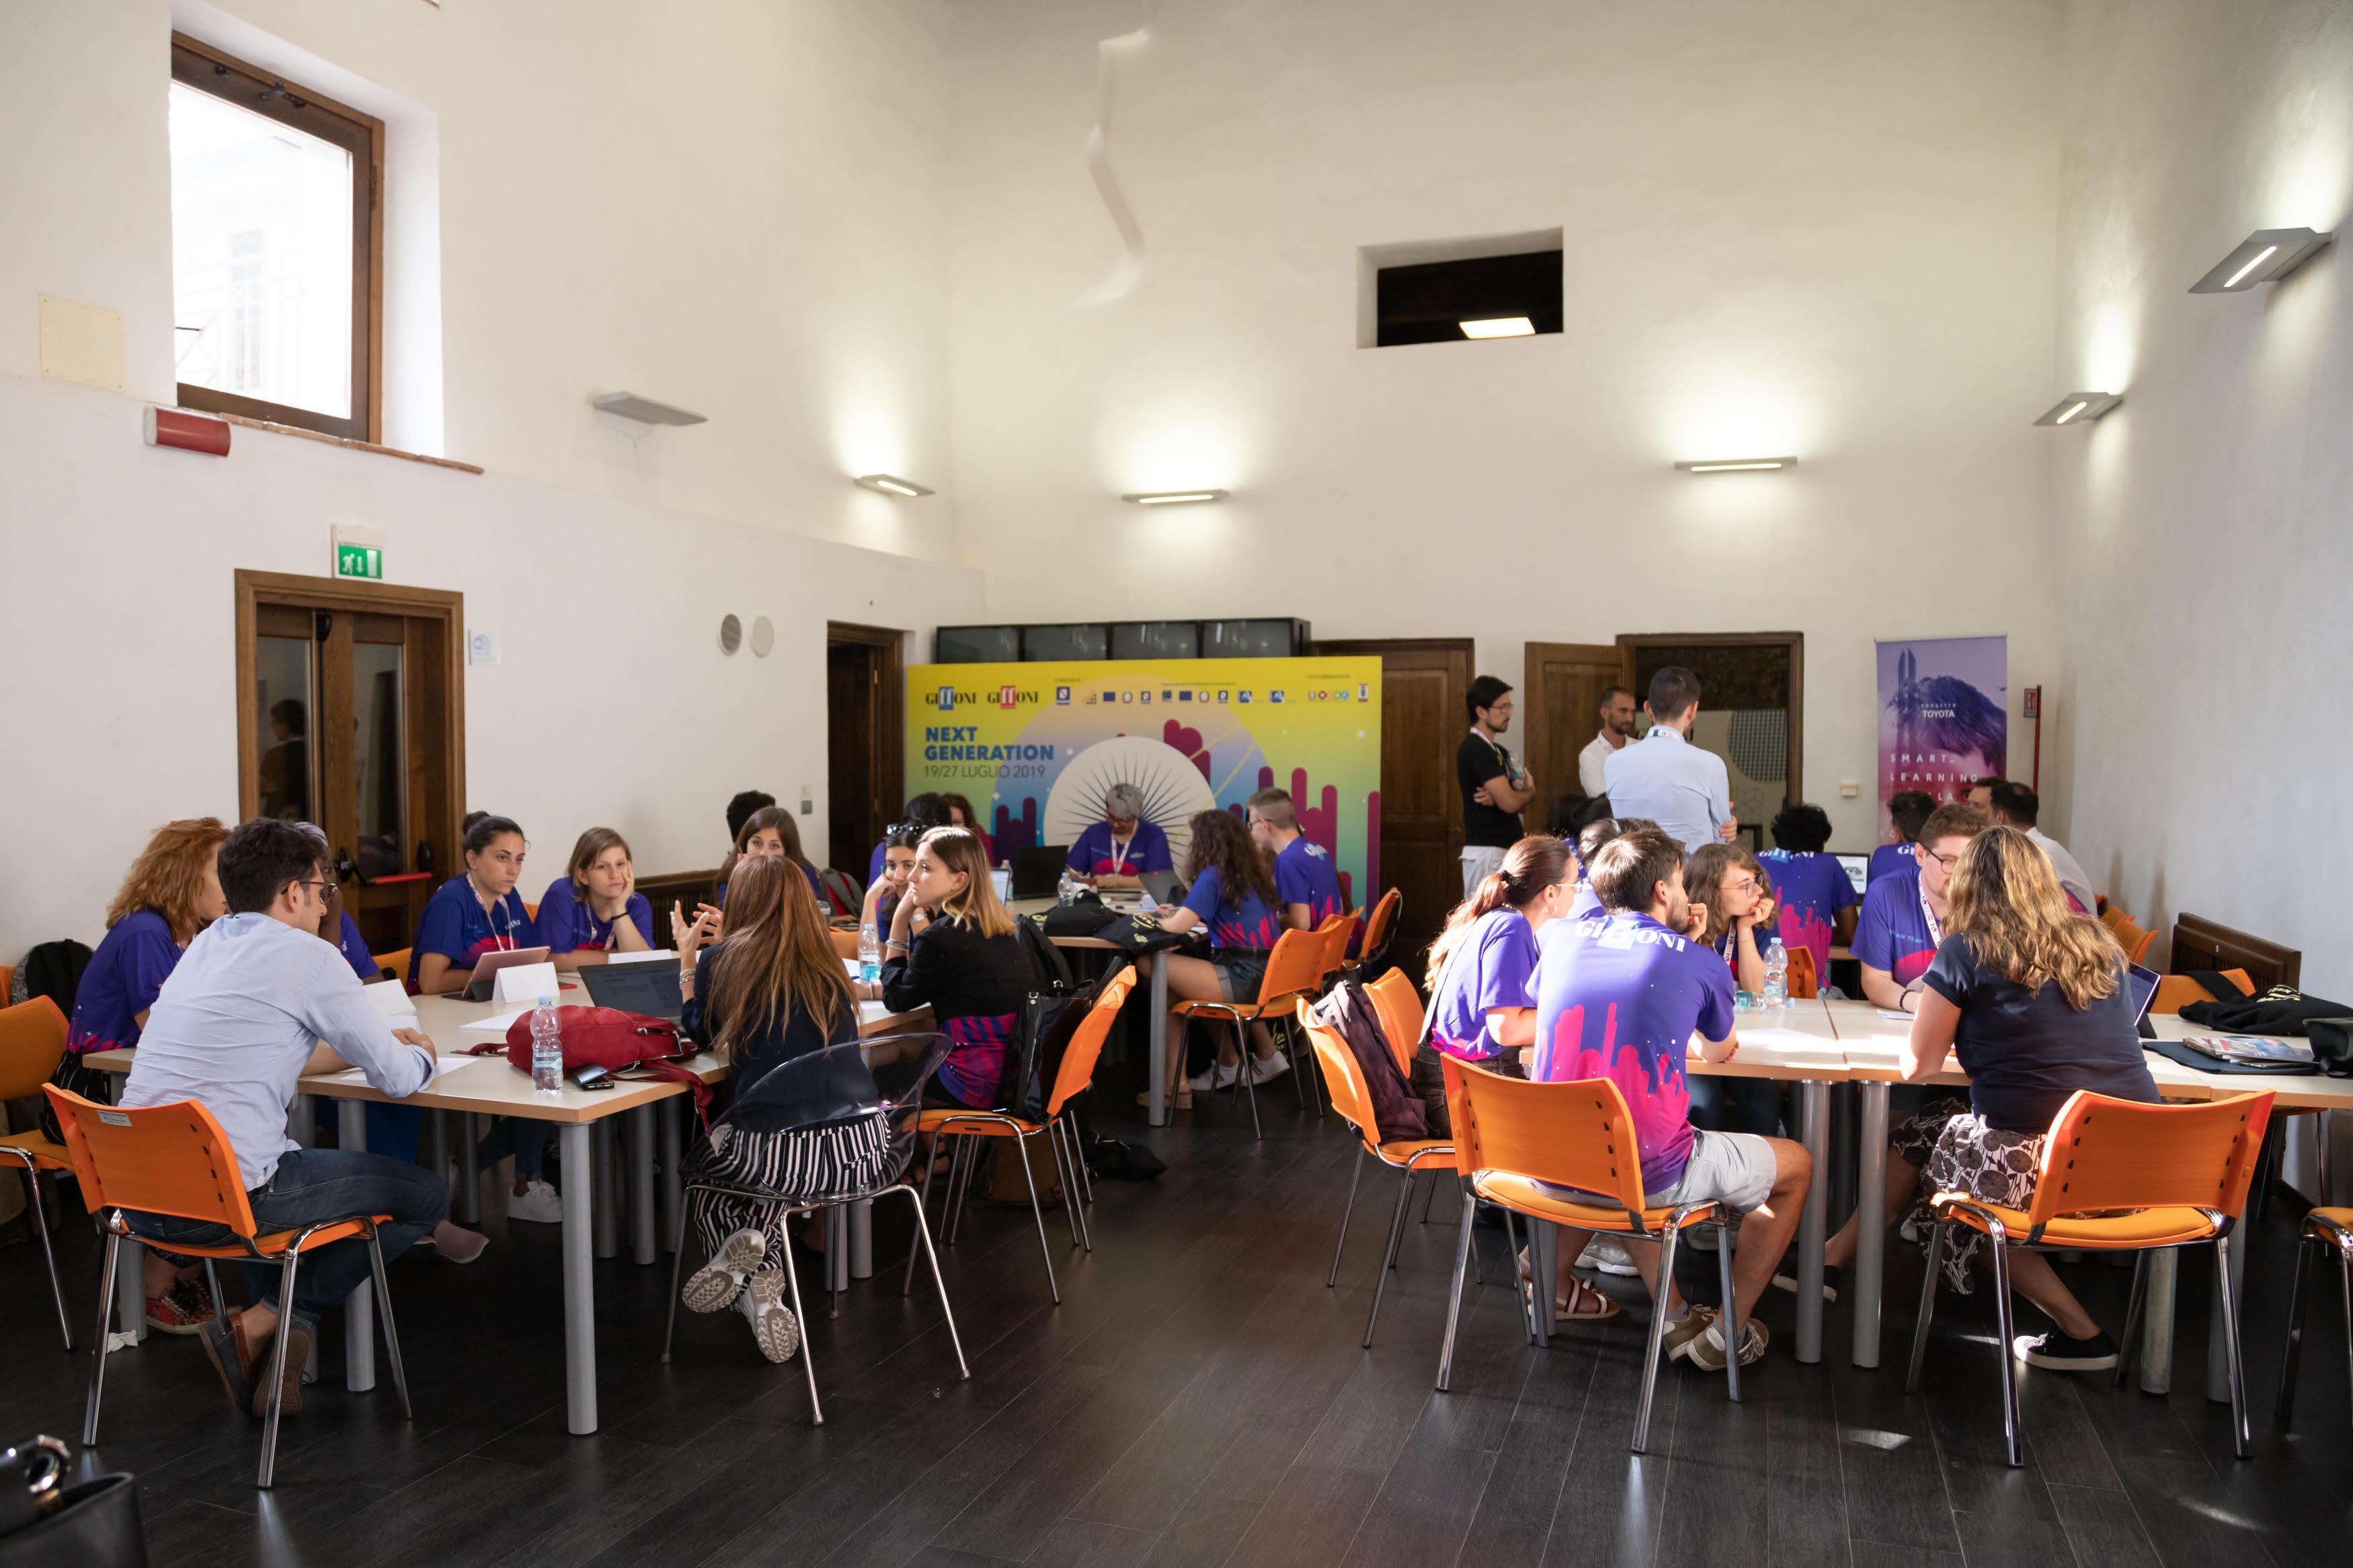 Giffoni lancia le Masterclass Impact: 80 ragazzi incontrano politici e imprenditori